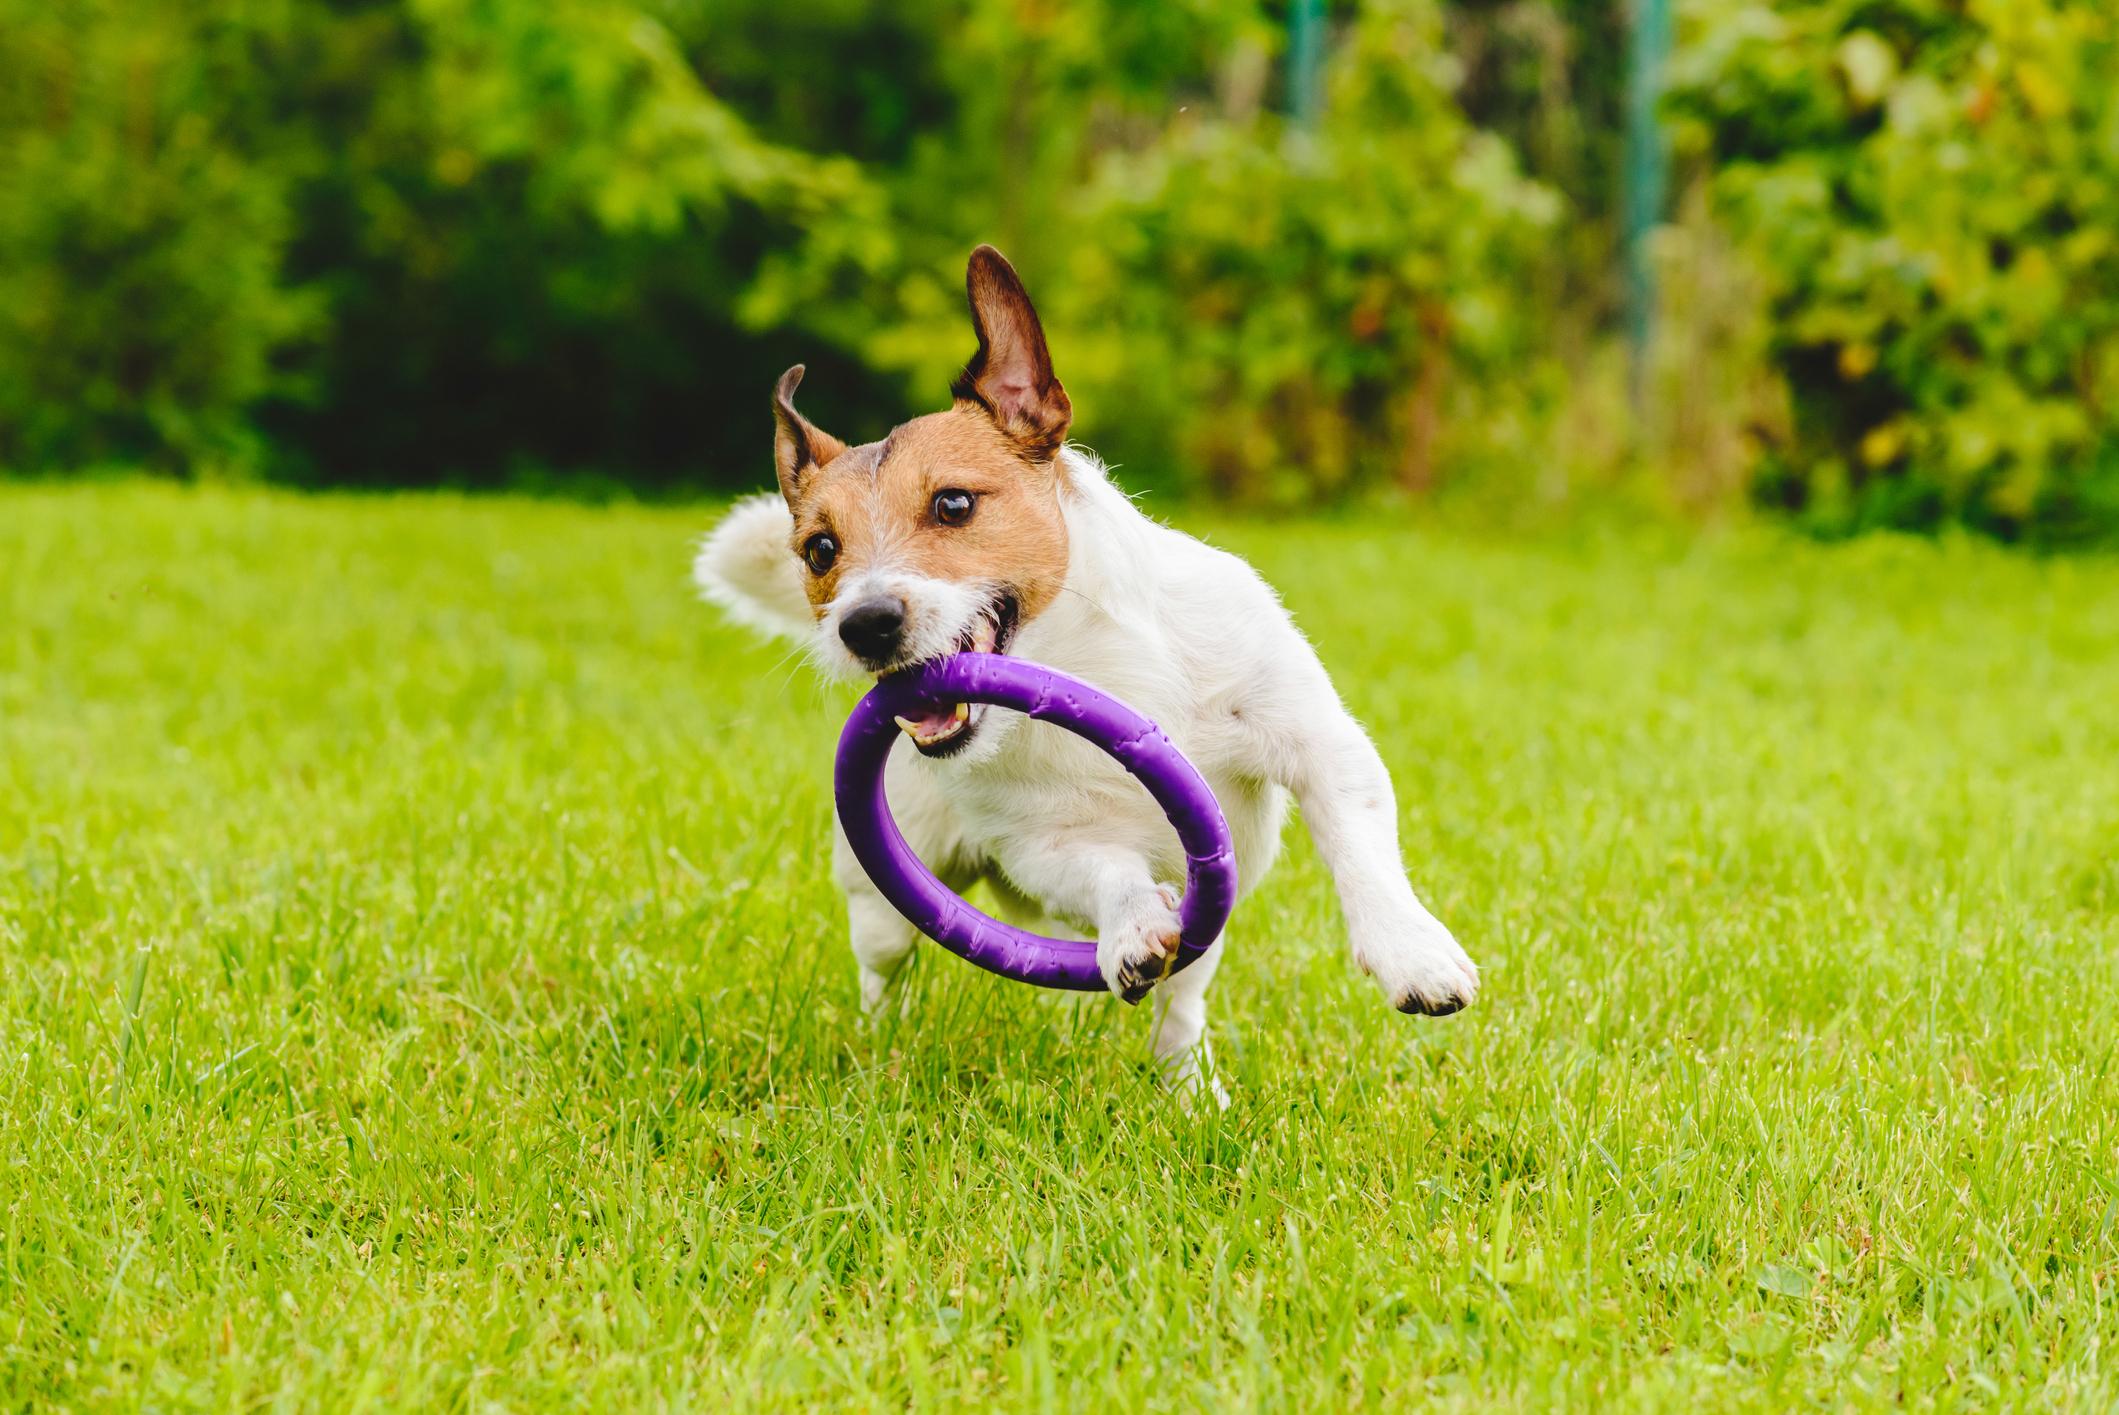 Giochi Da Fare In Giardino idee per il giardino: un parco giochi a misura di cane